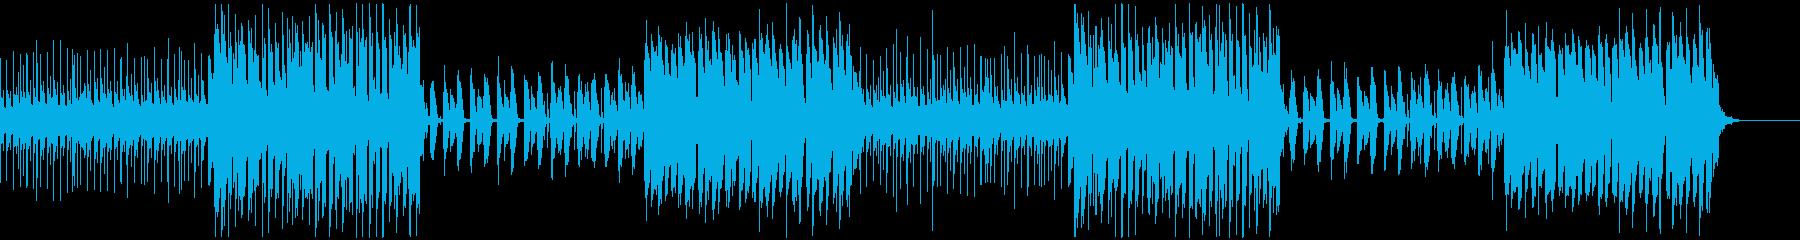 クール・スタイリッシュ・EDM・5の再生済みの波形